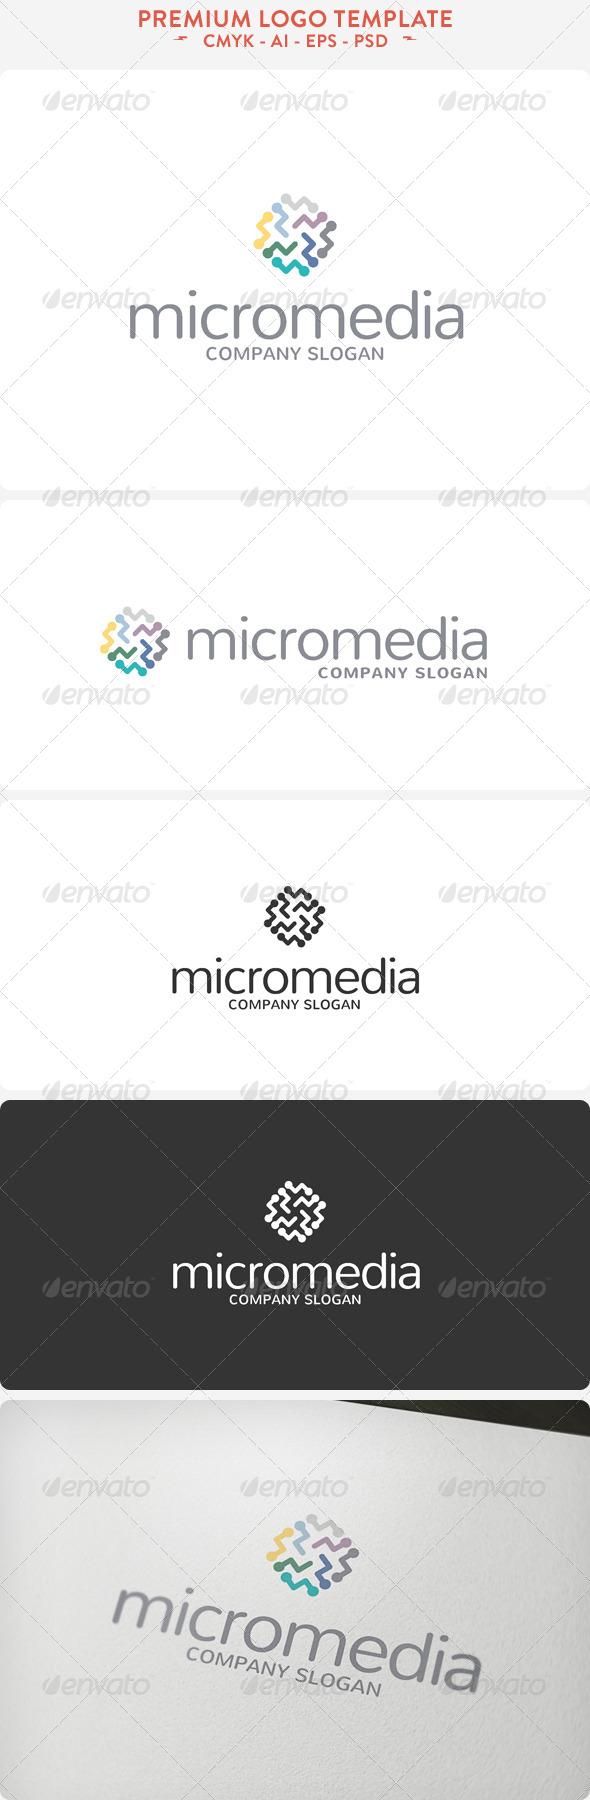 GraphicRiver Micromedia 4765590